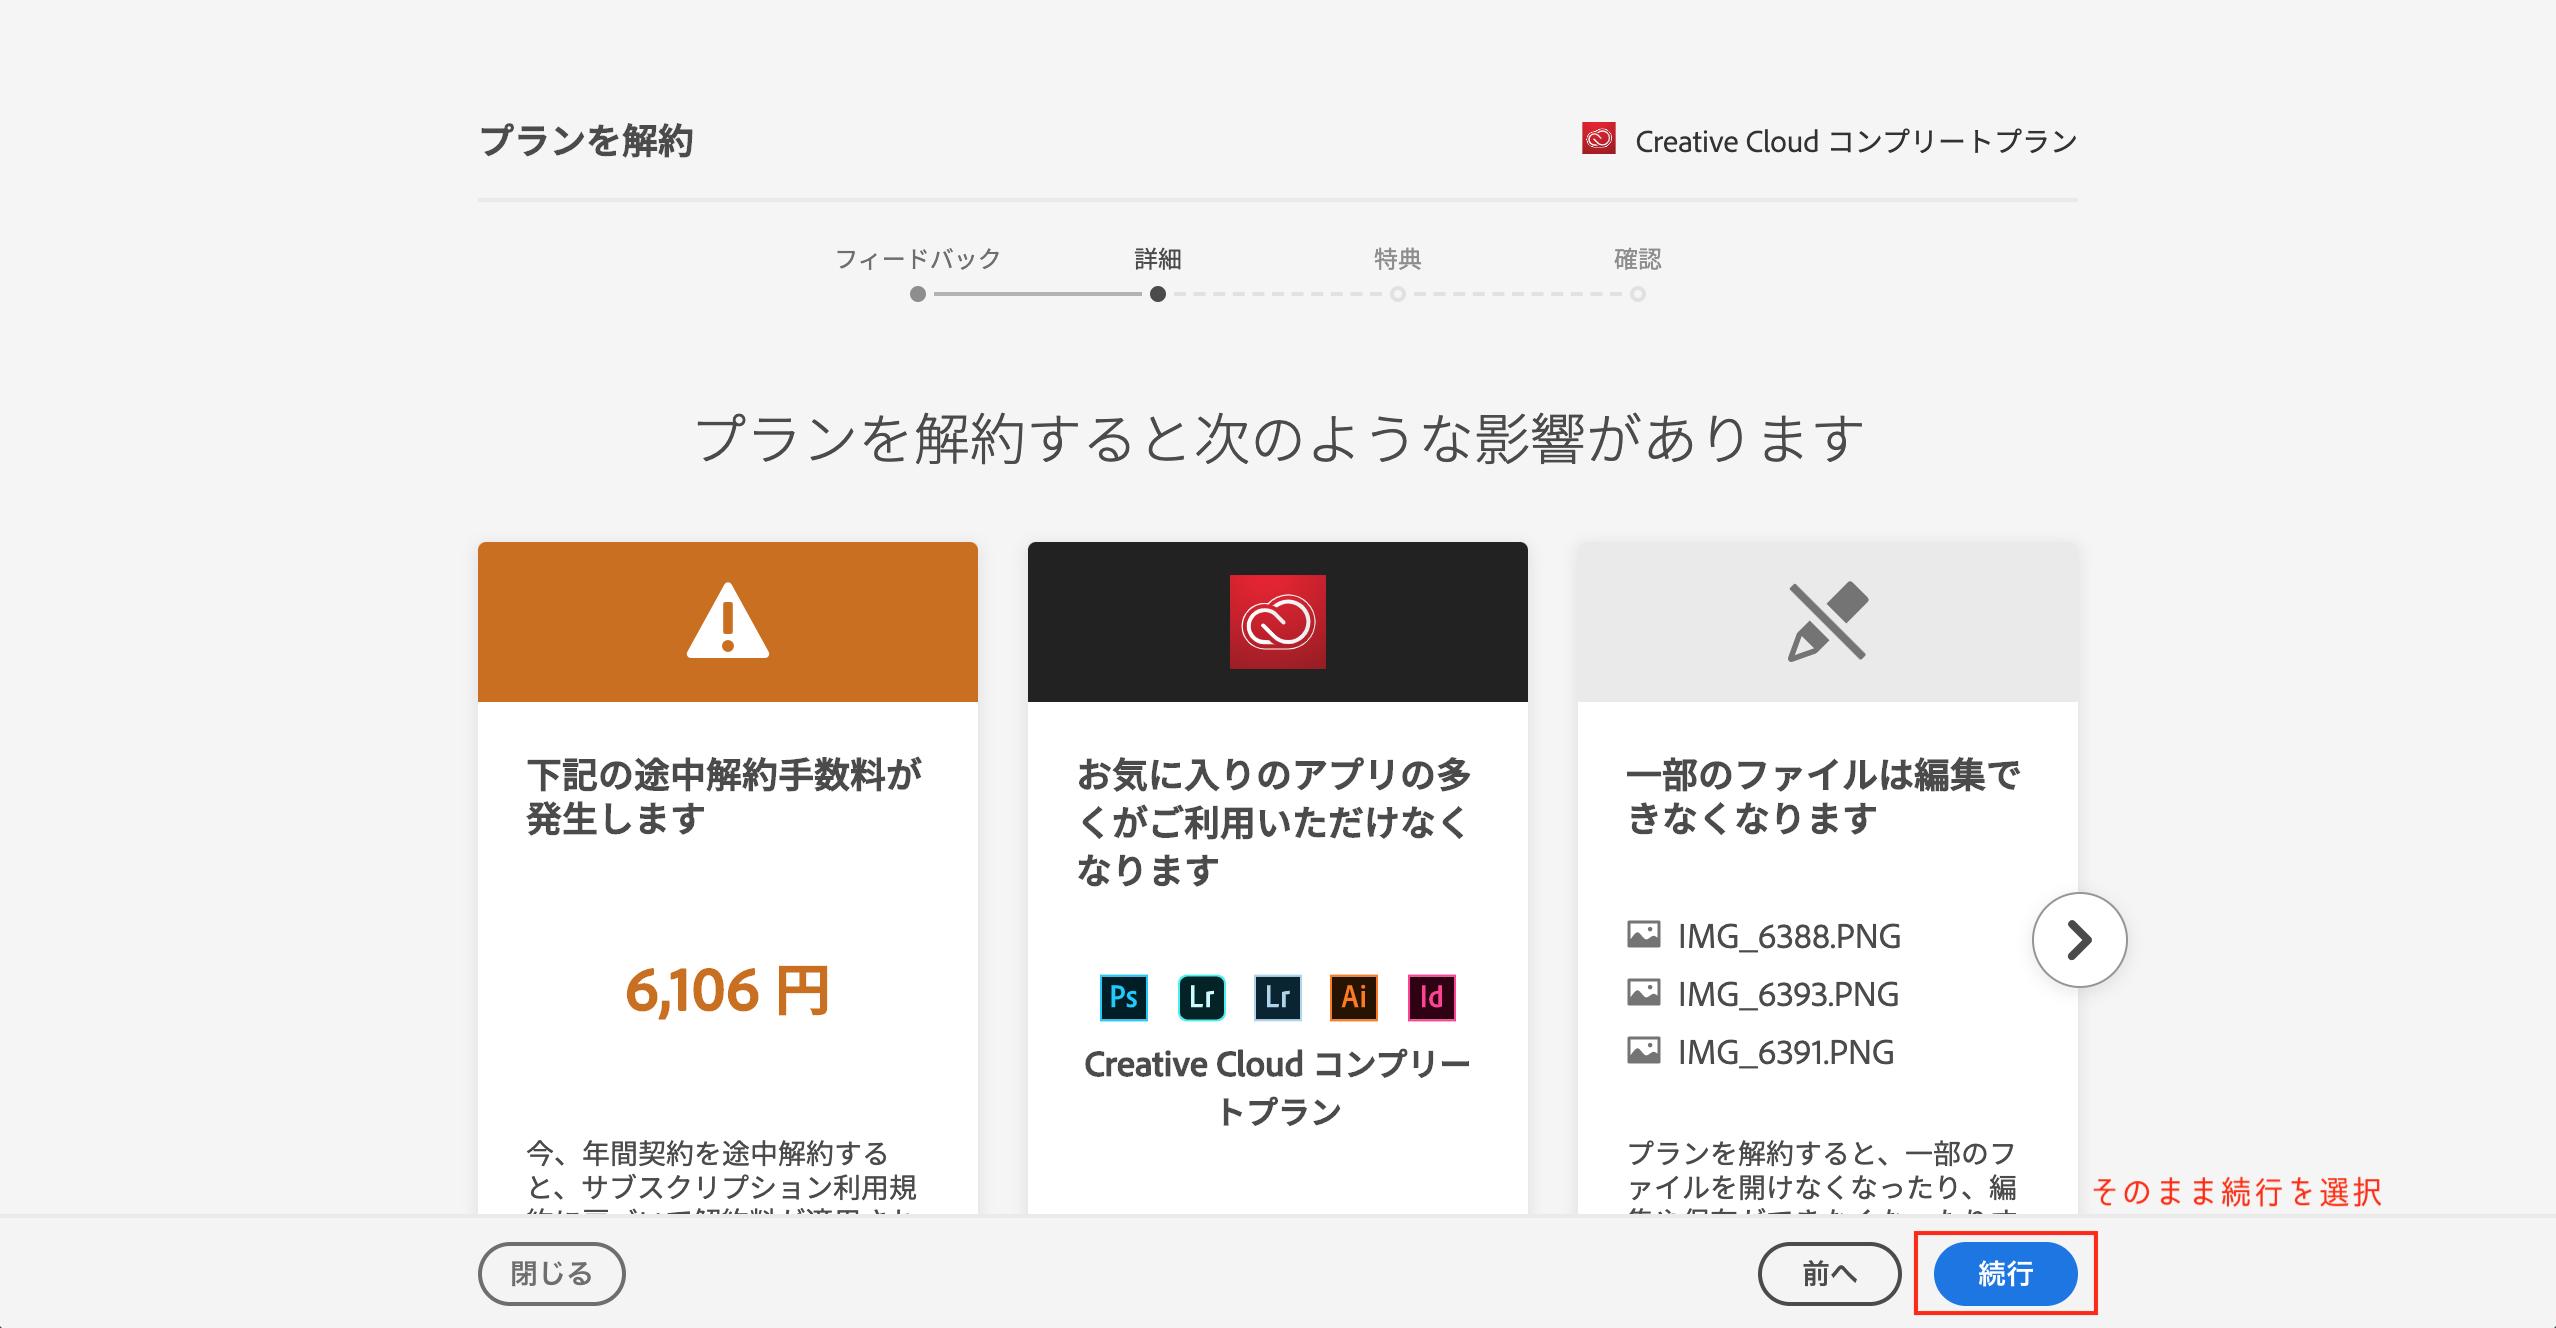 Screenshot 2020 04 08 at 17.18.40